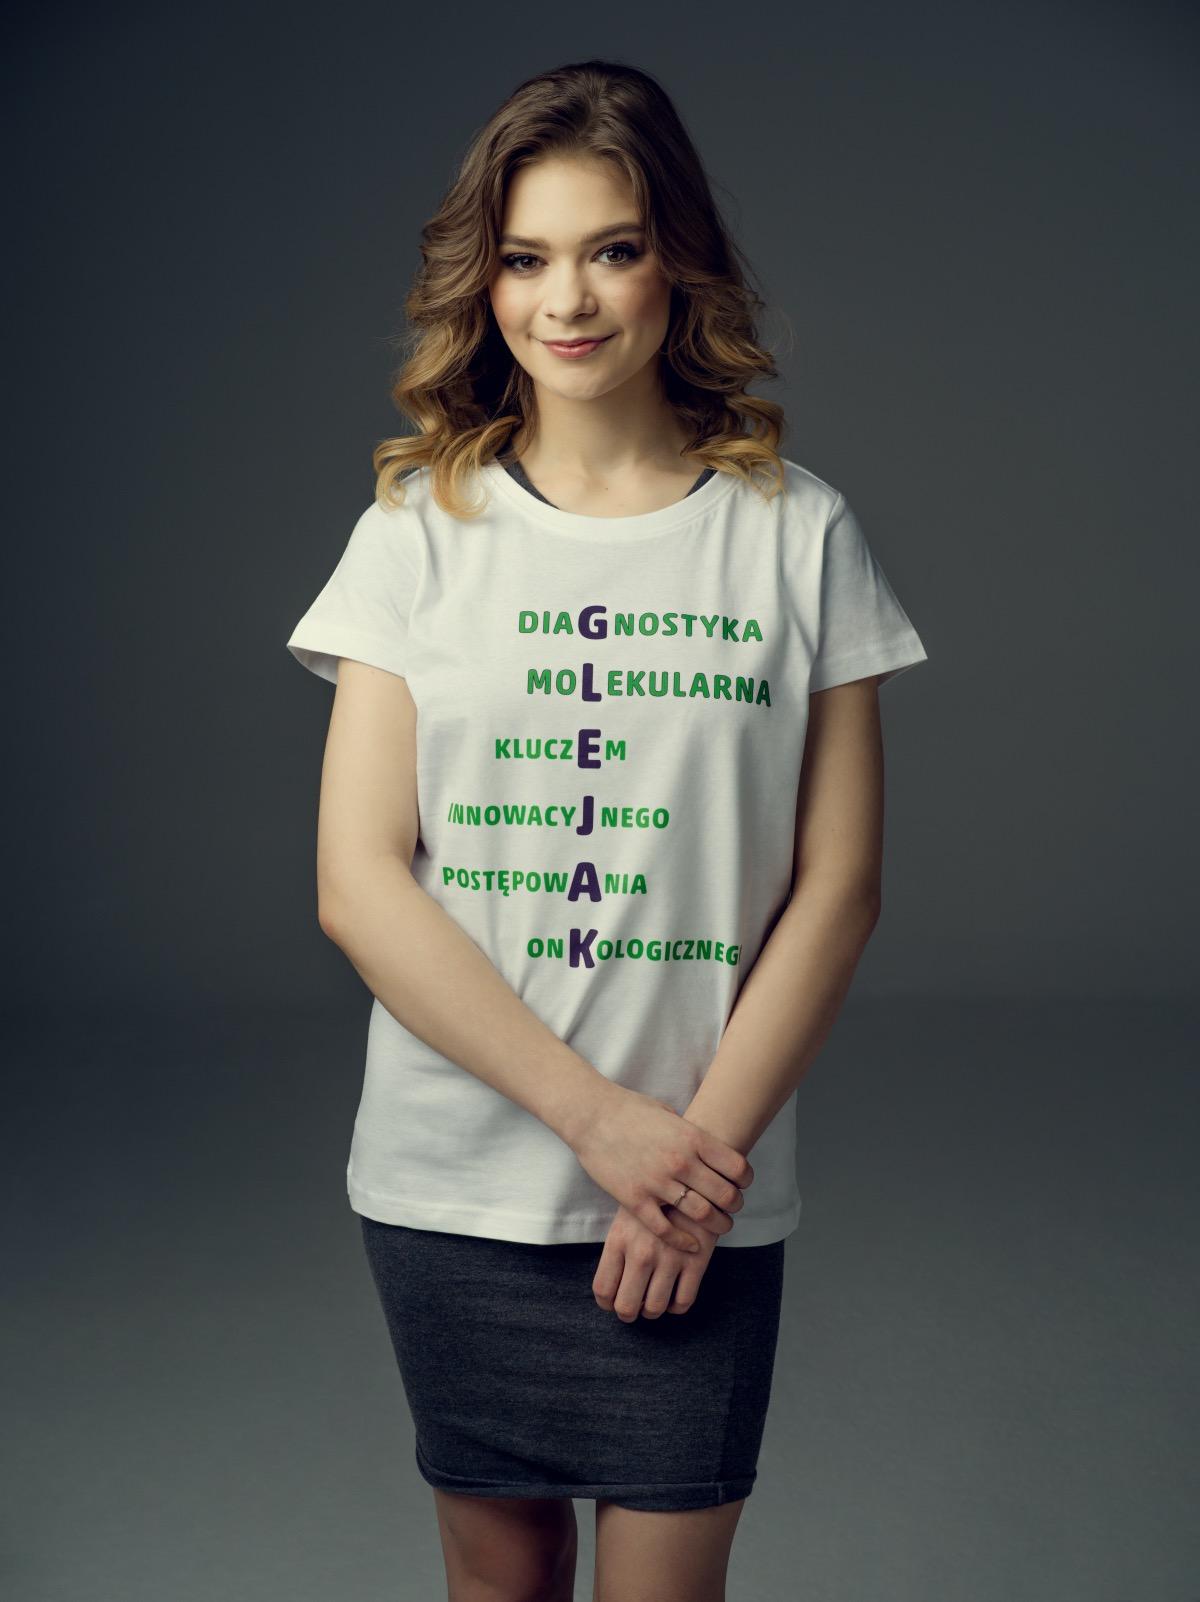 BlogStar: Gwiazdy wspierają Fundację Glioma Center im. Hani Magiery - BlogStar.pl